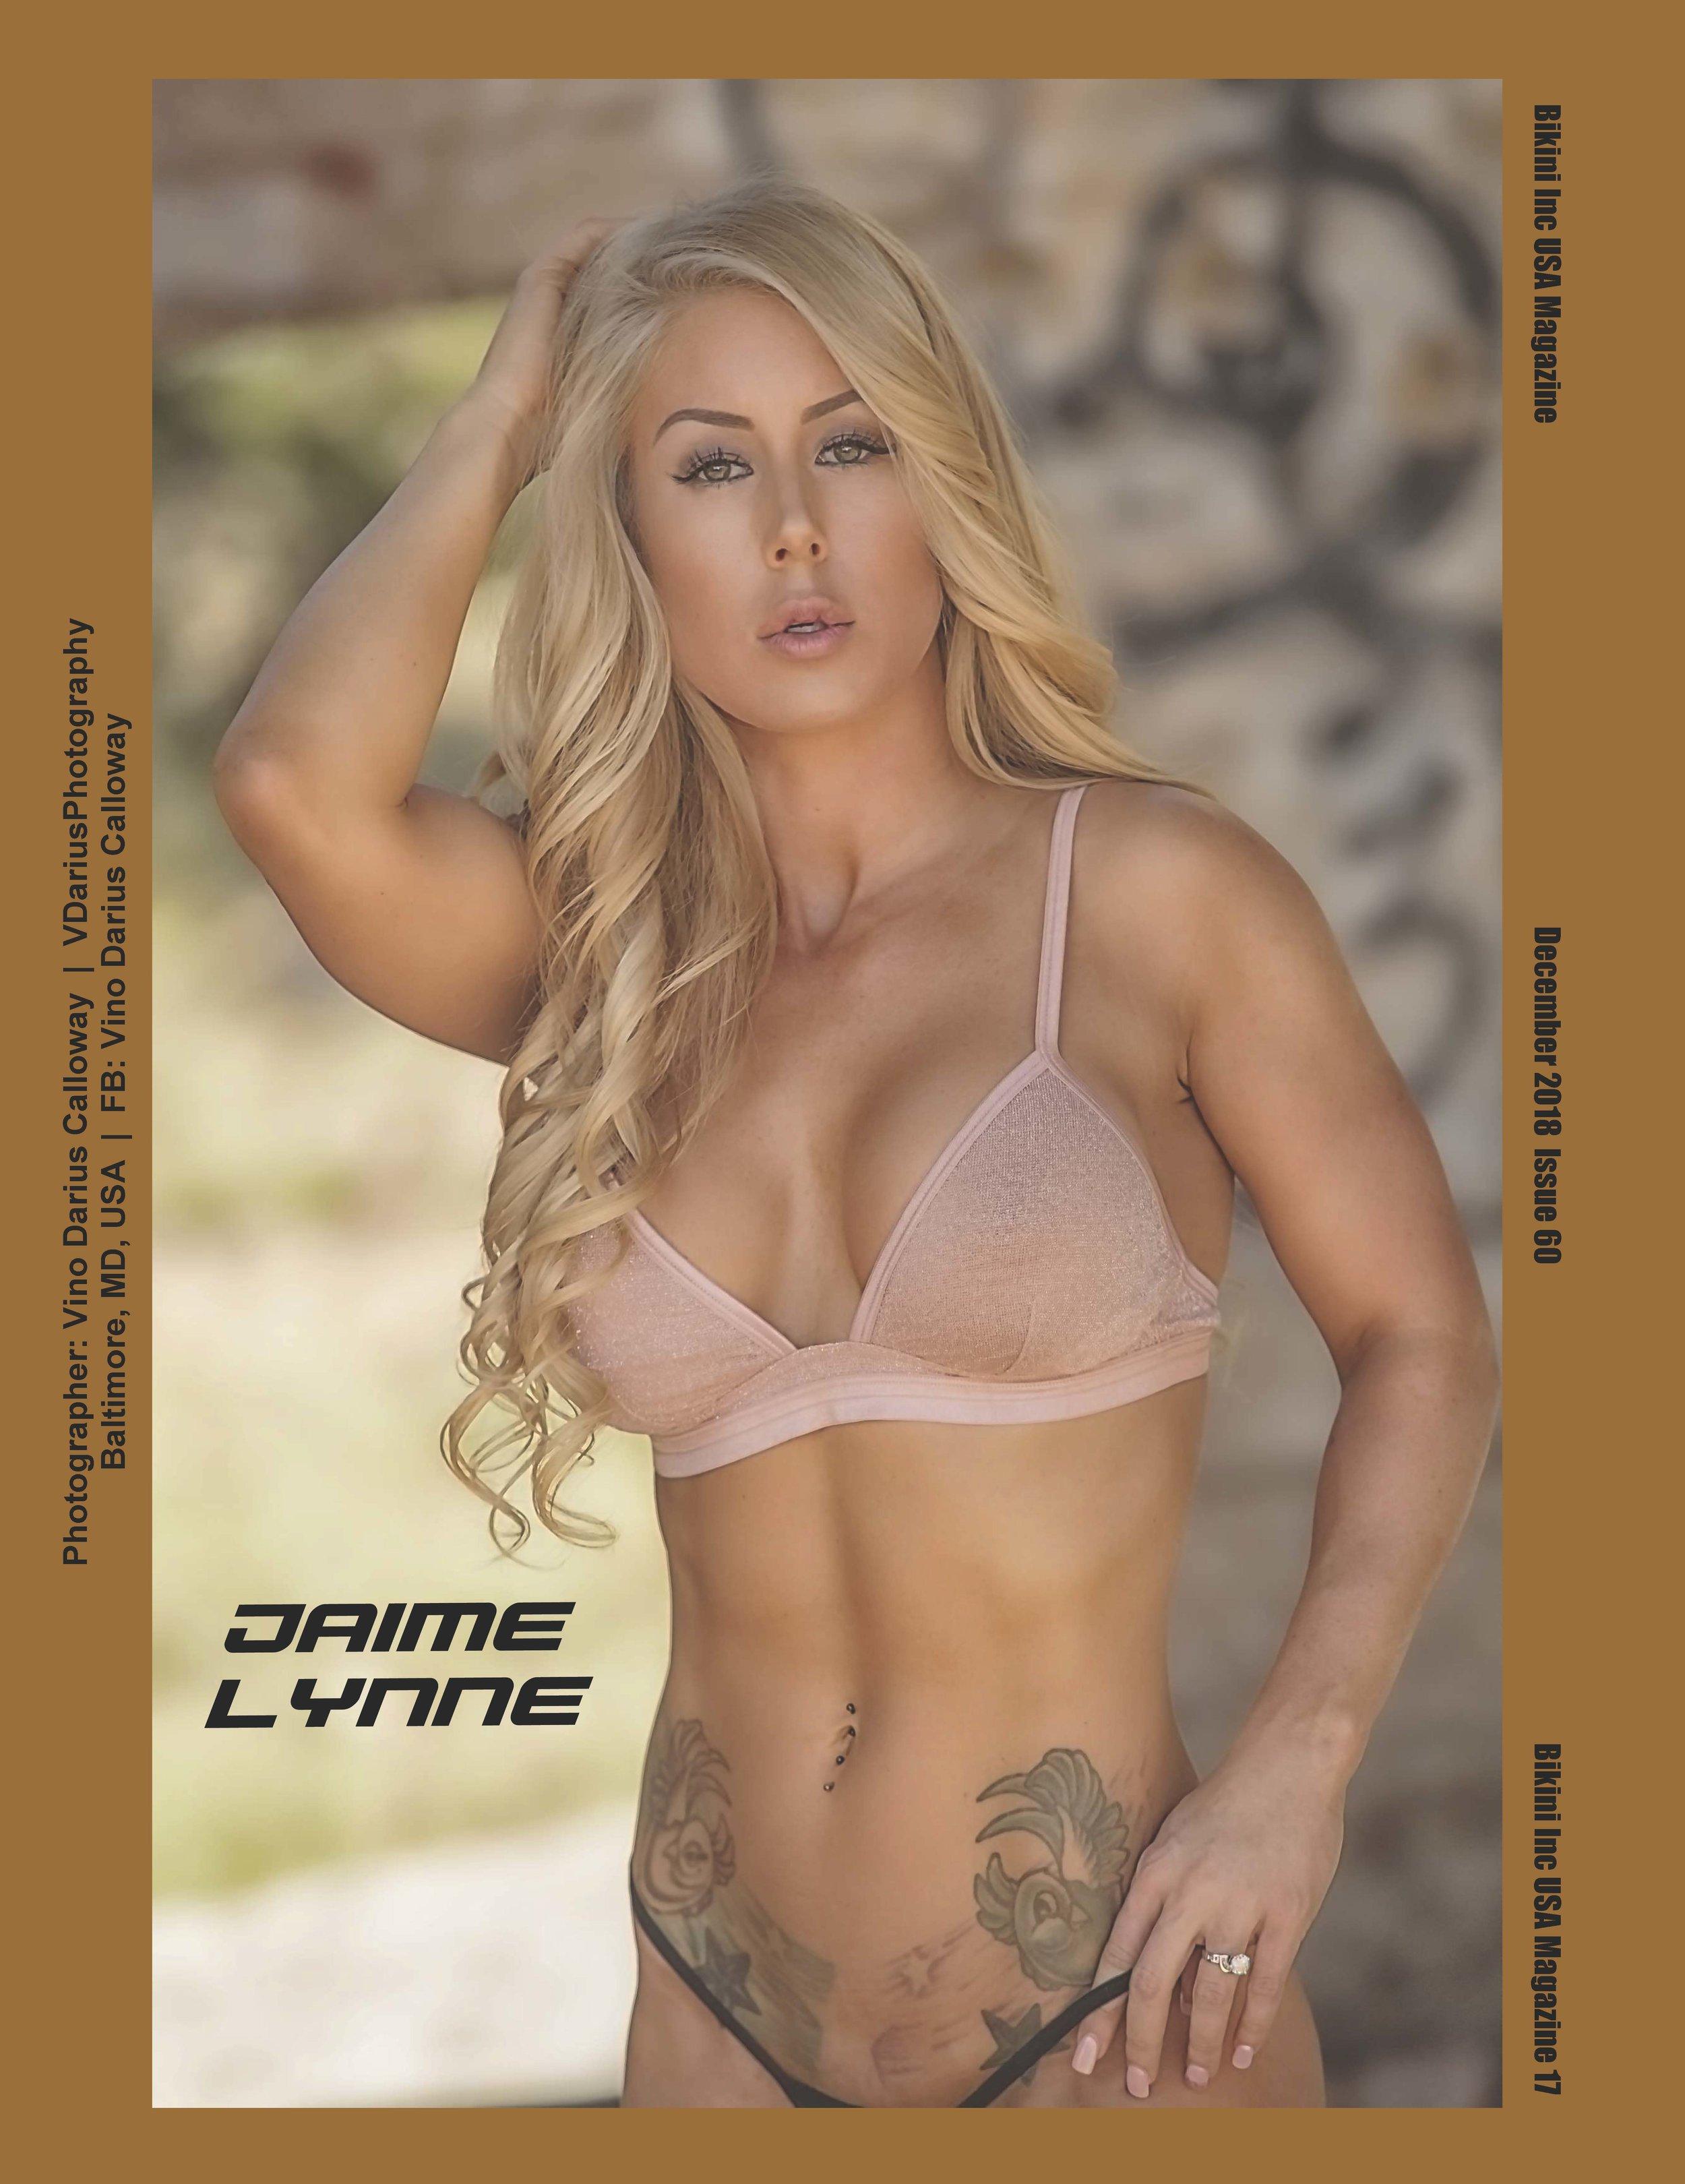 Jamie Lynne - Dec 2018